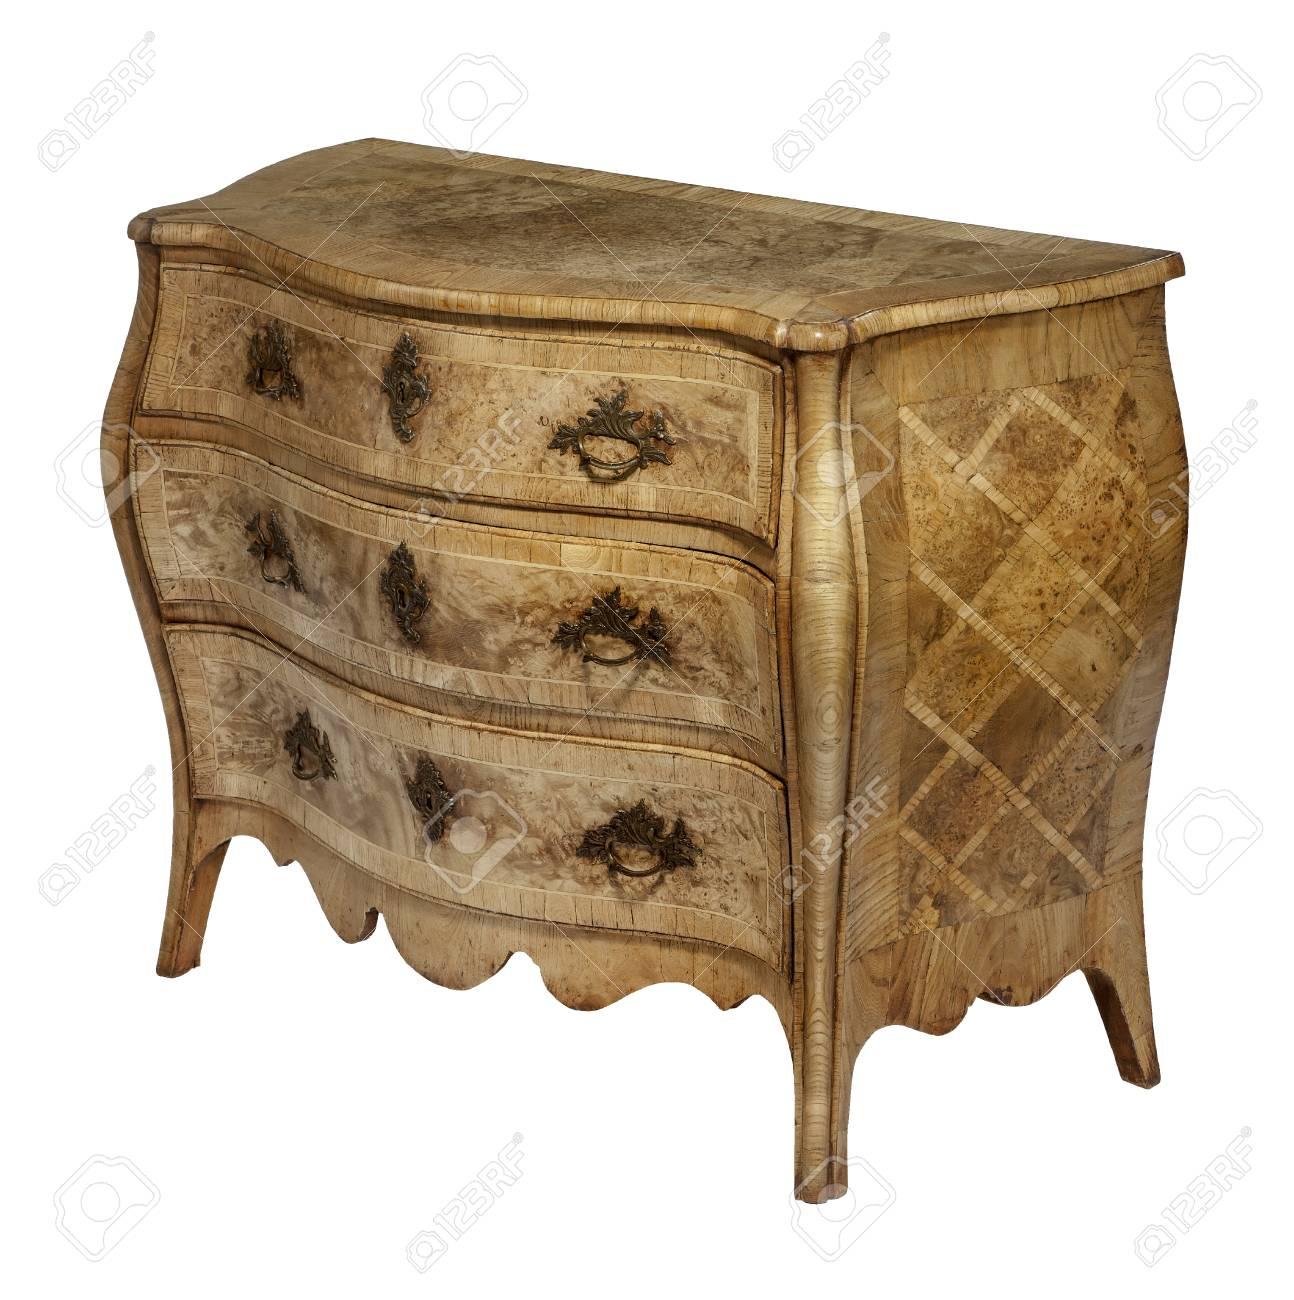 Alte Antike Kommode Aus Holz Europäischen Detaied Intarsien Standard Bild    43132683